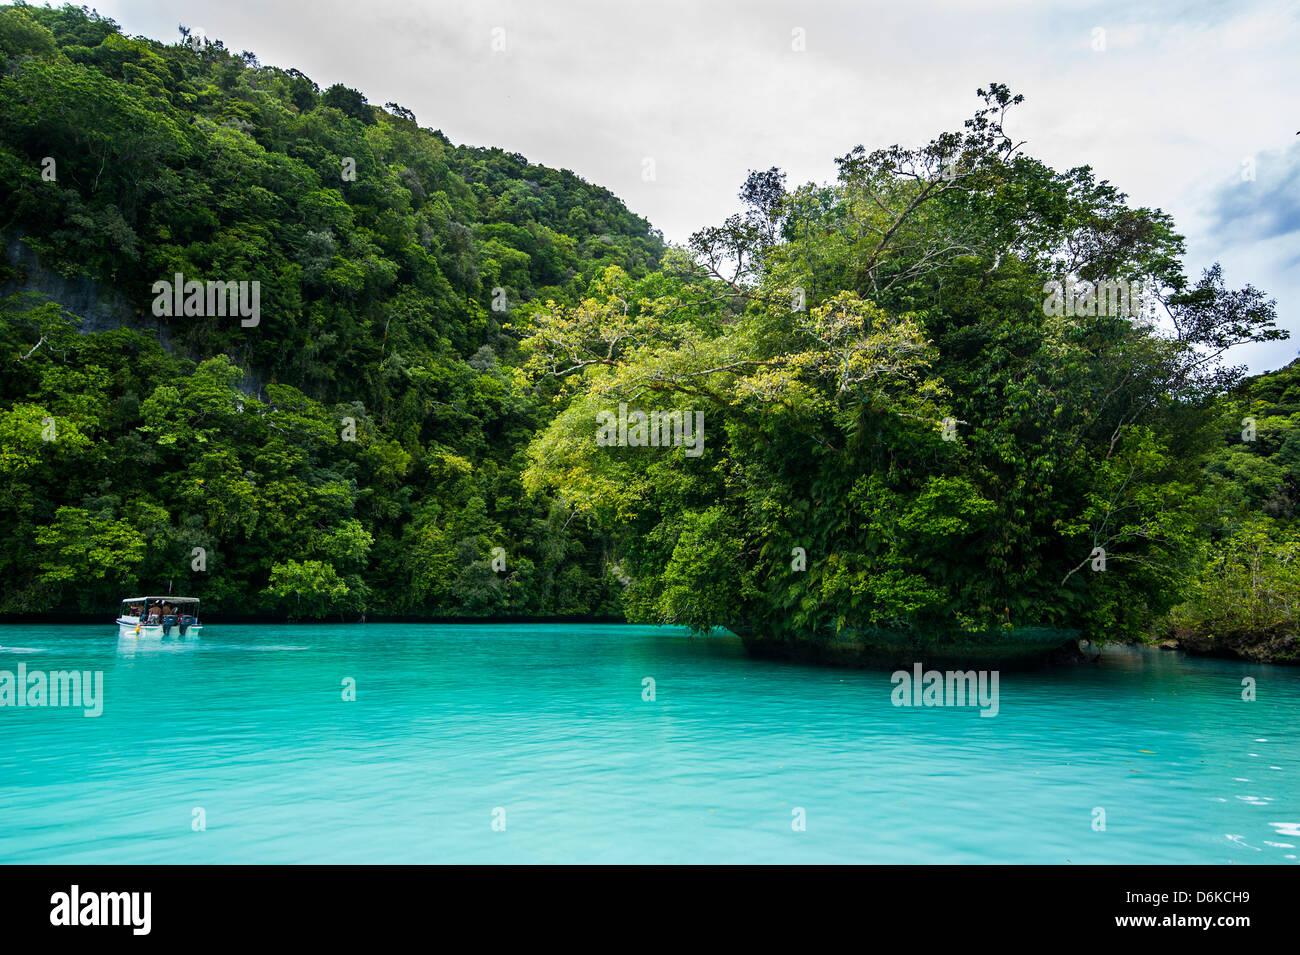 Türkisfarbenes Wasser in die Rock Islands, Palau, Central Pacific, Pazifik Stockbild